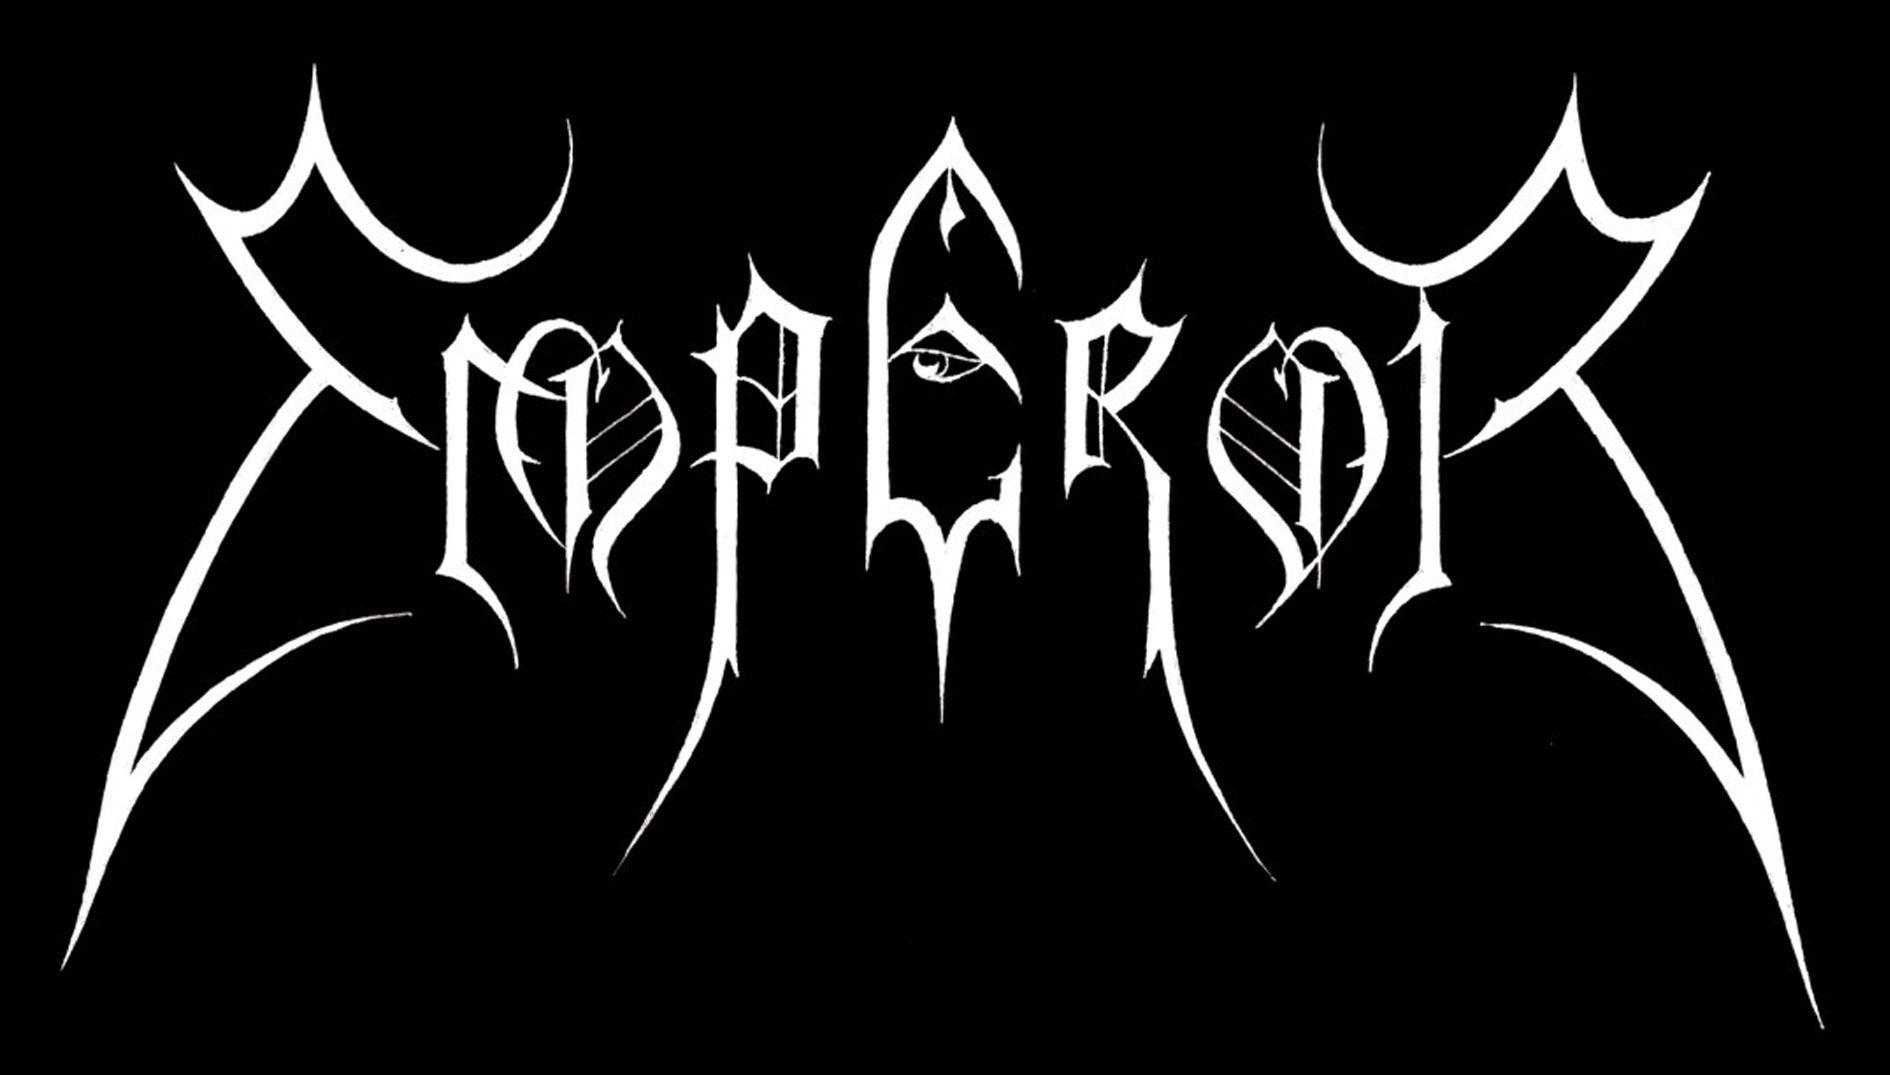 Patch Nargaroth logo Black Metal Band.